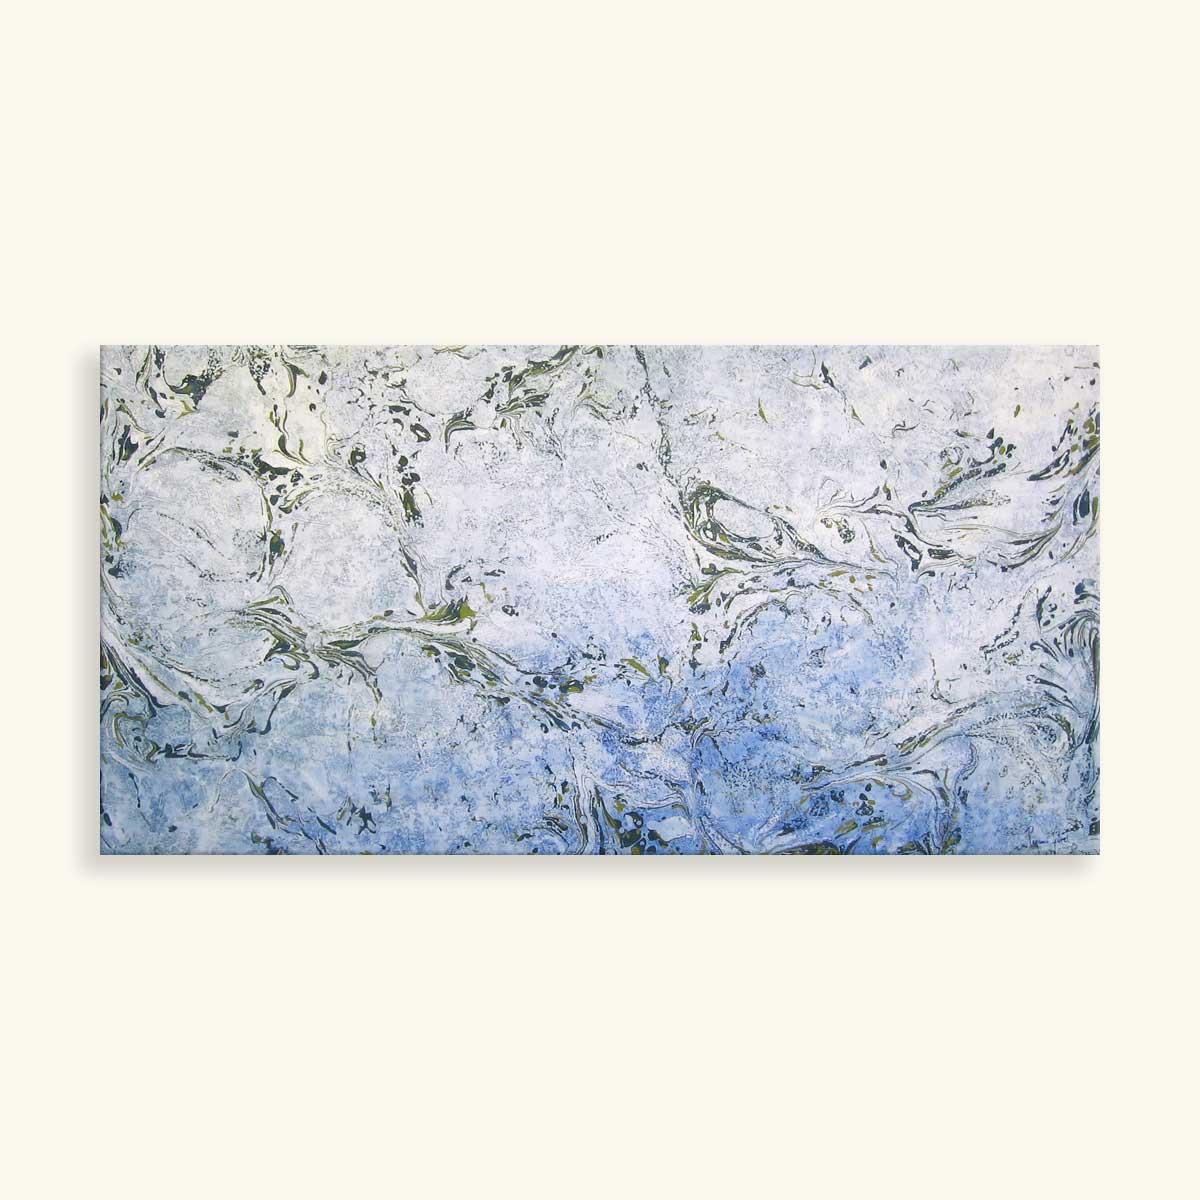 gürel ebrusu özgün kompozisyon No 29